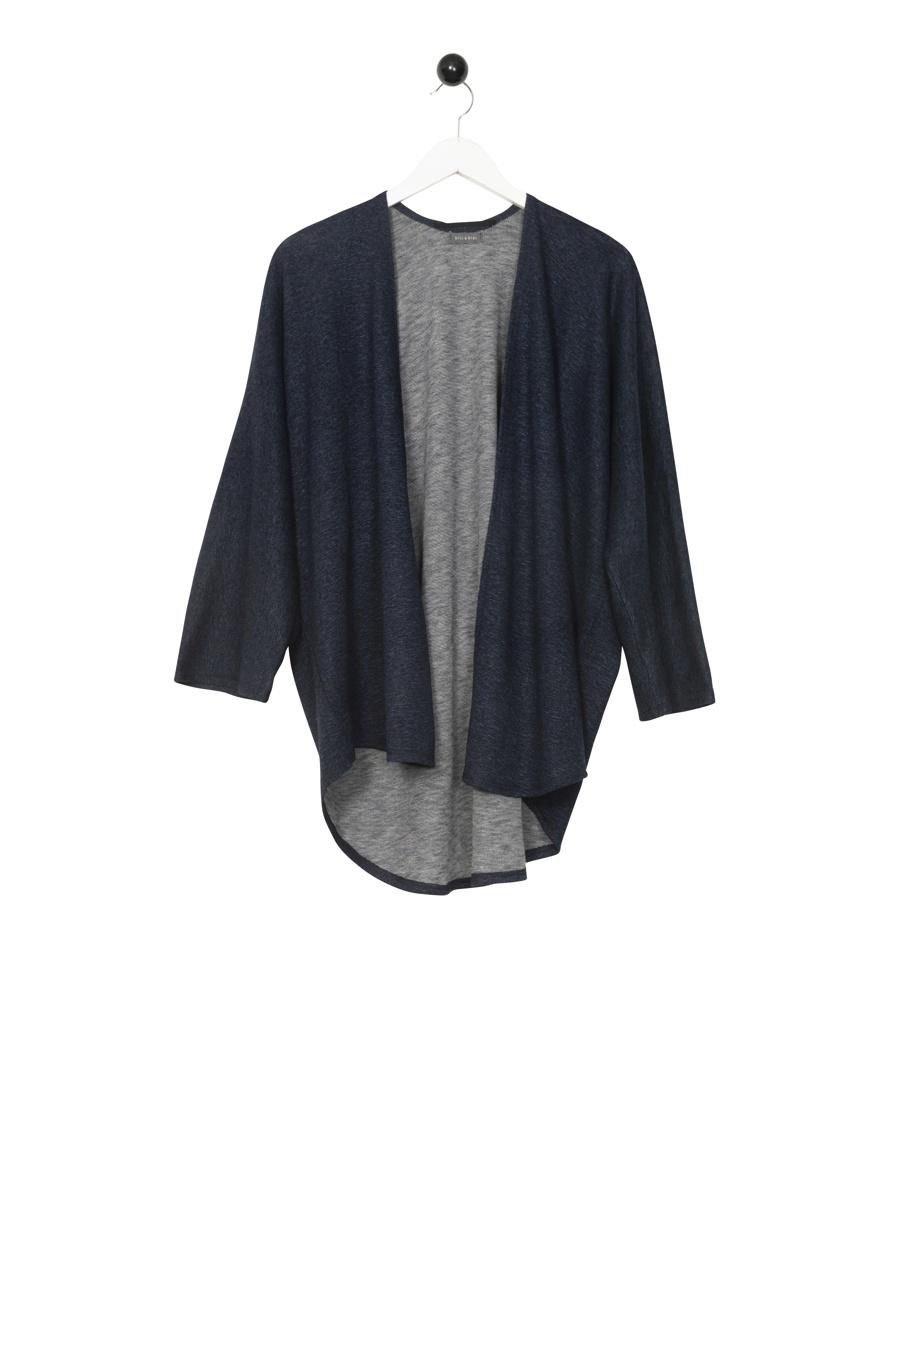 Return Zink Kimono